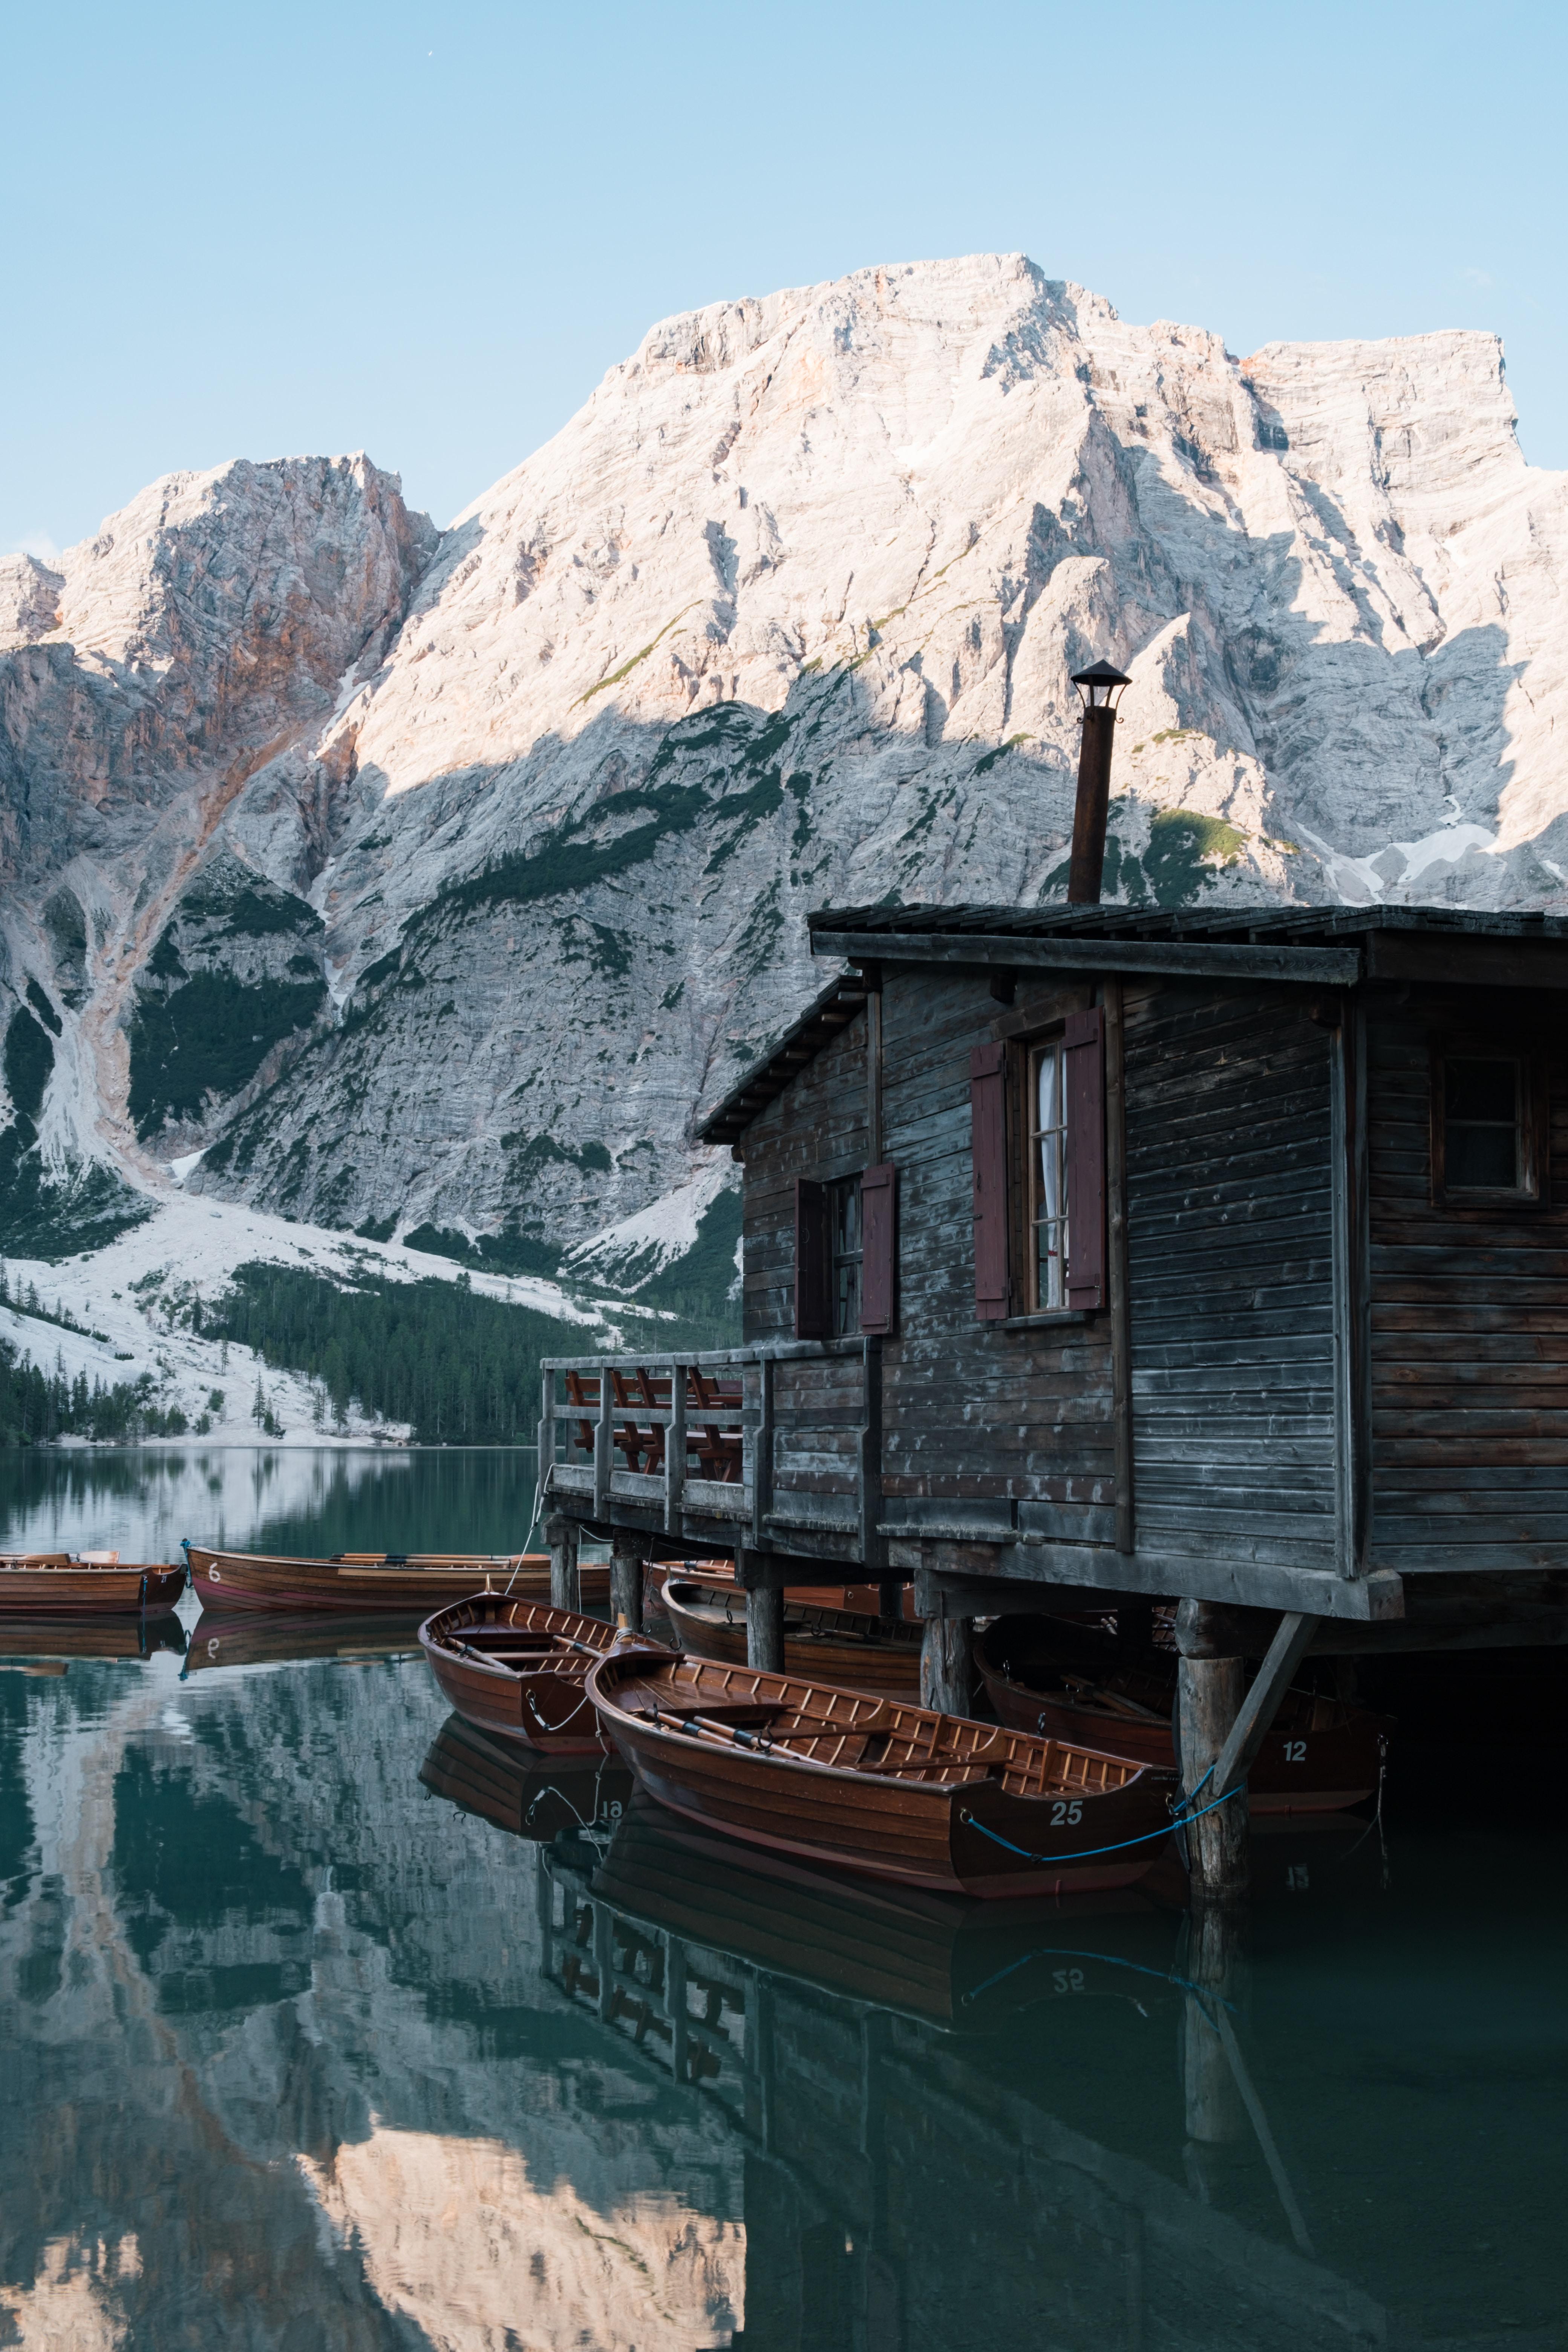 148774 Заставки и Обои Лодки на телефон. Скачать Природа, Домик, Озеро, Лодки, Пирс, Горы картинки бесплатно